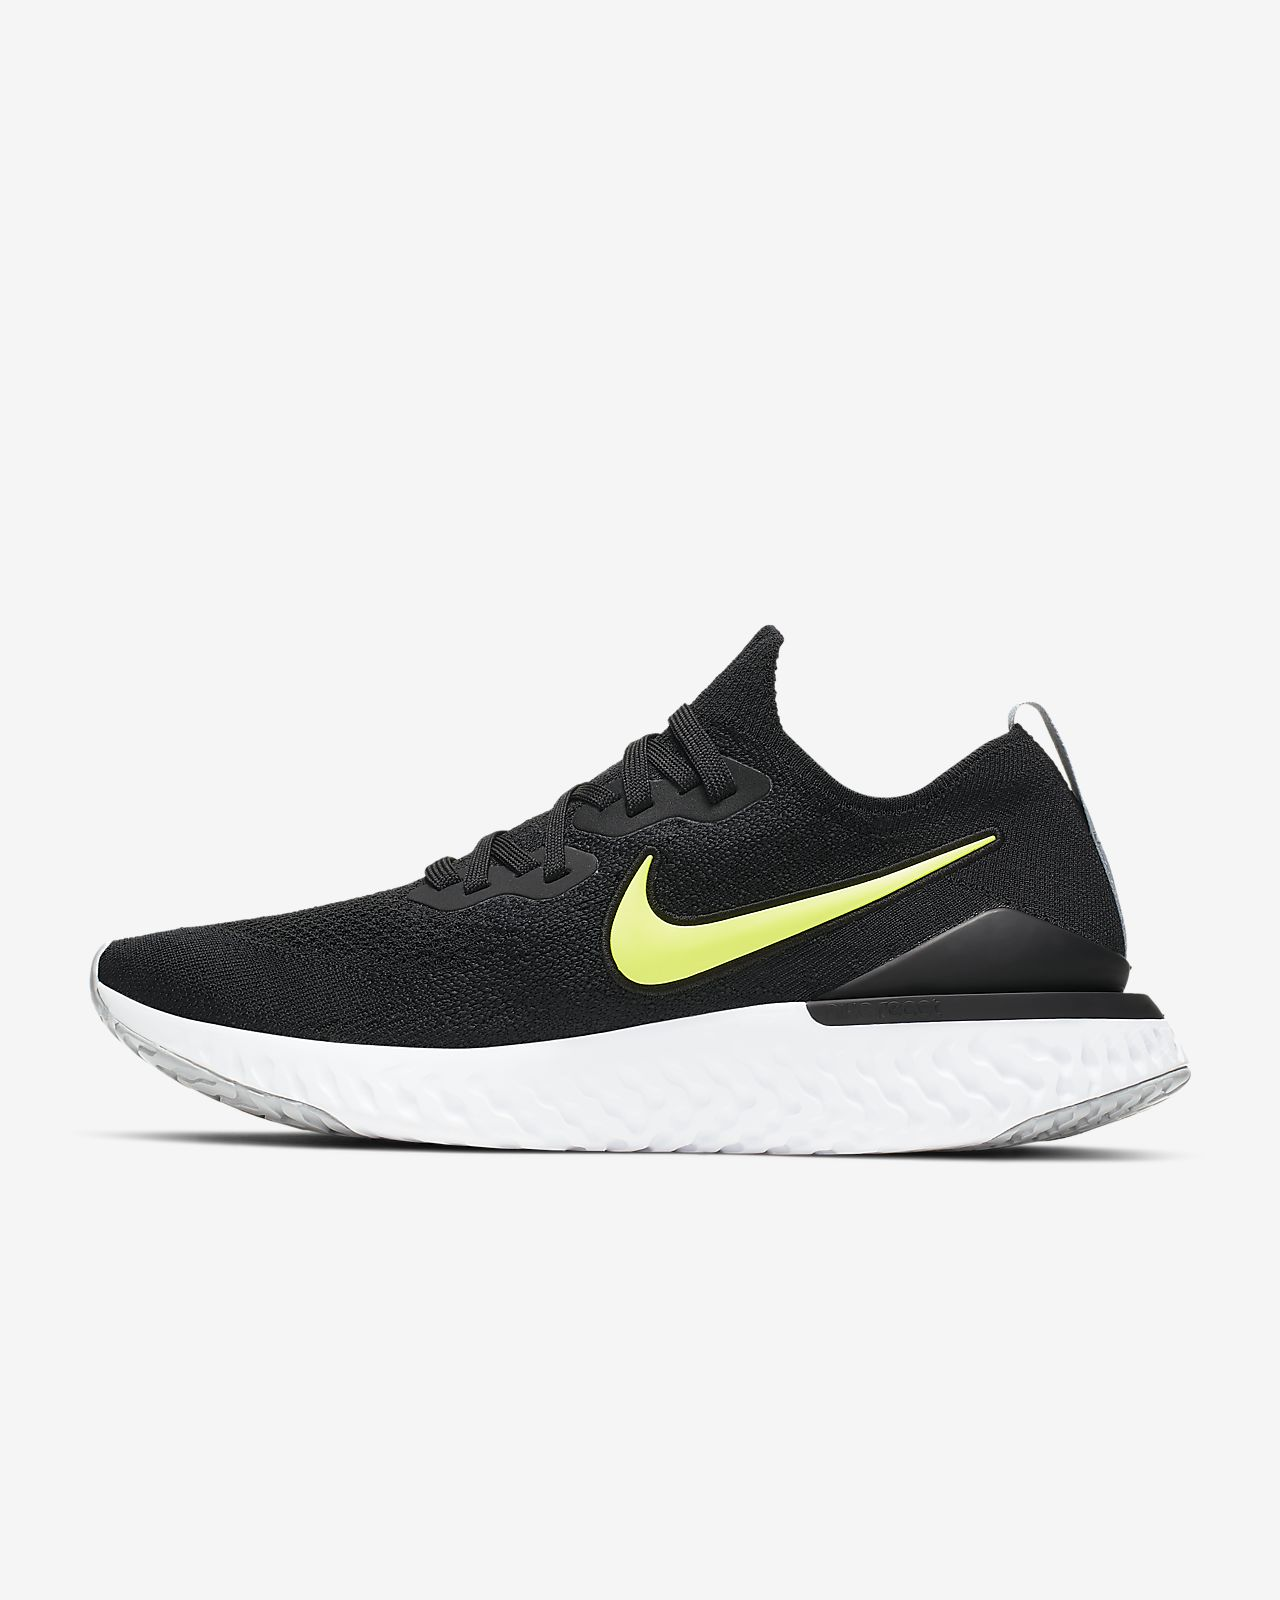 Tenis Nike React Flyknit 2